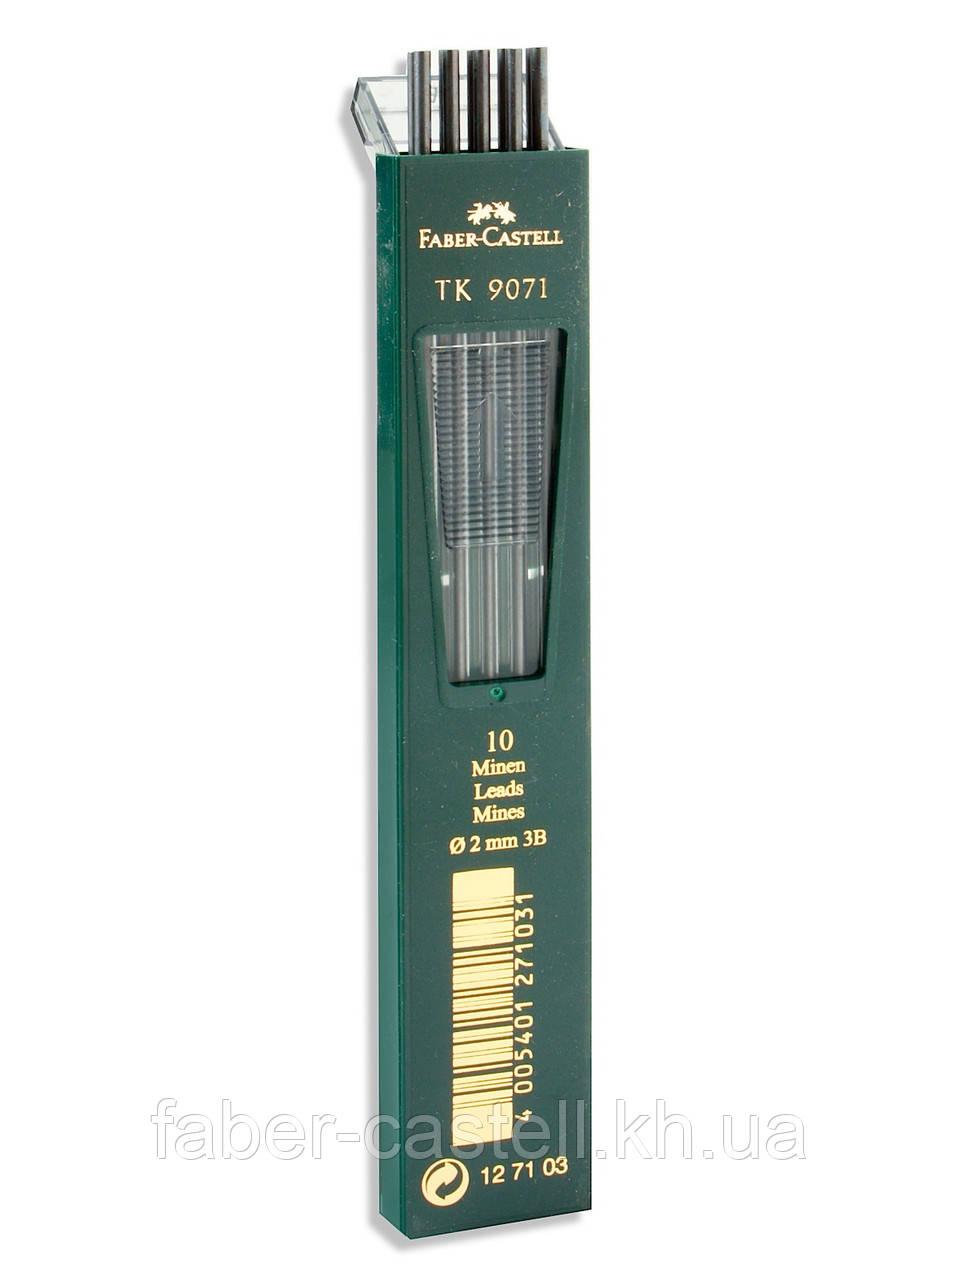 Графитный грифель для цанговых карандашей Faber-Castell ТК 9071 тверд. 3B (2.0 мм), 10 шт. в пенале, 127103